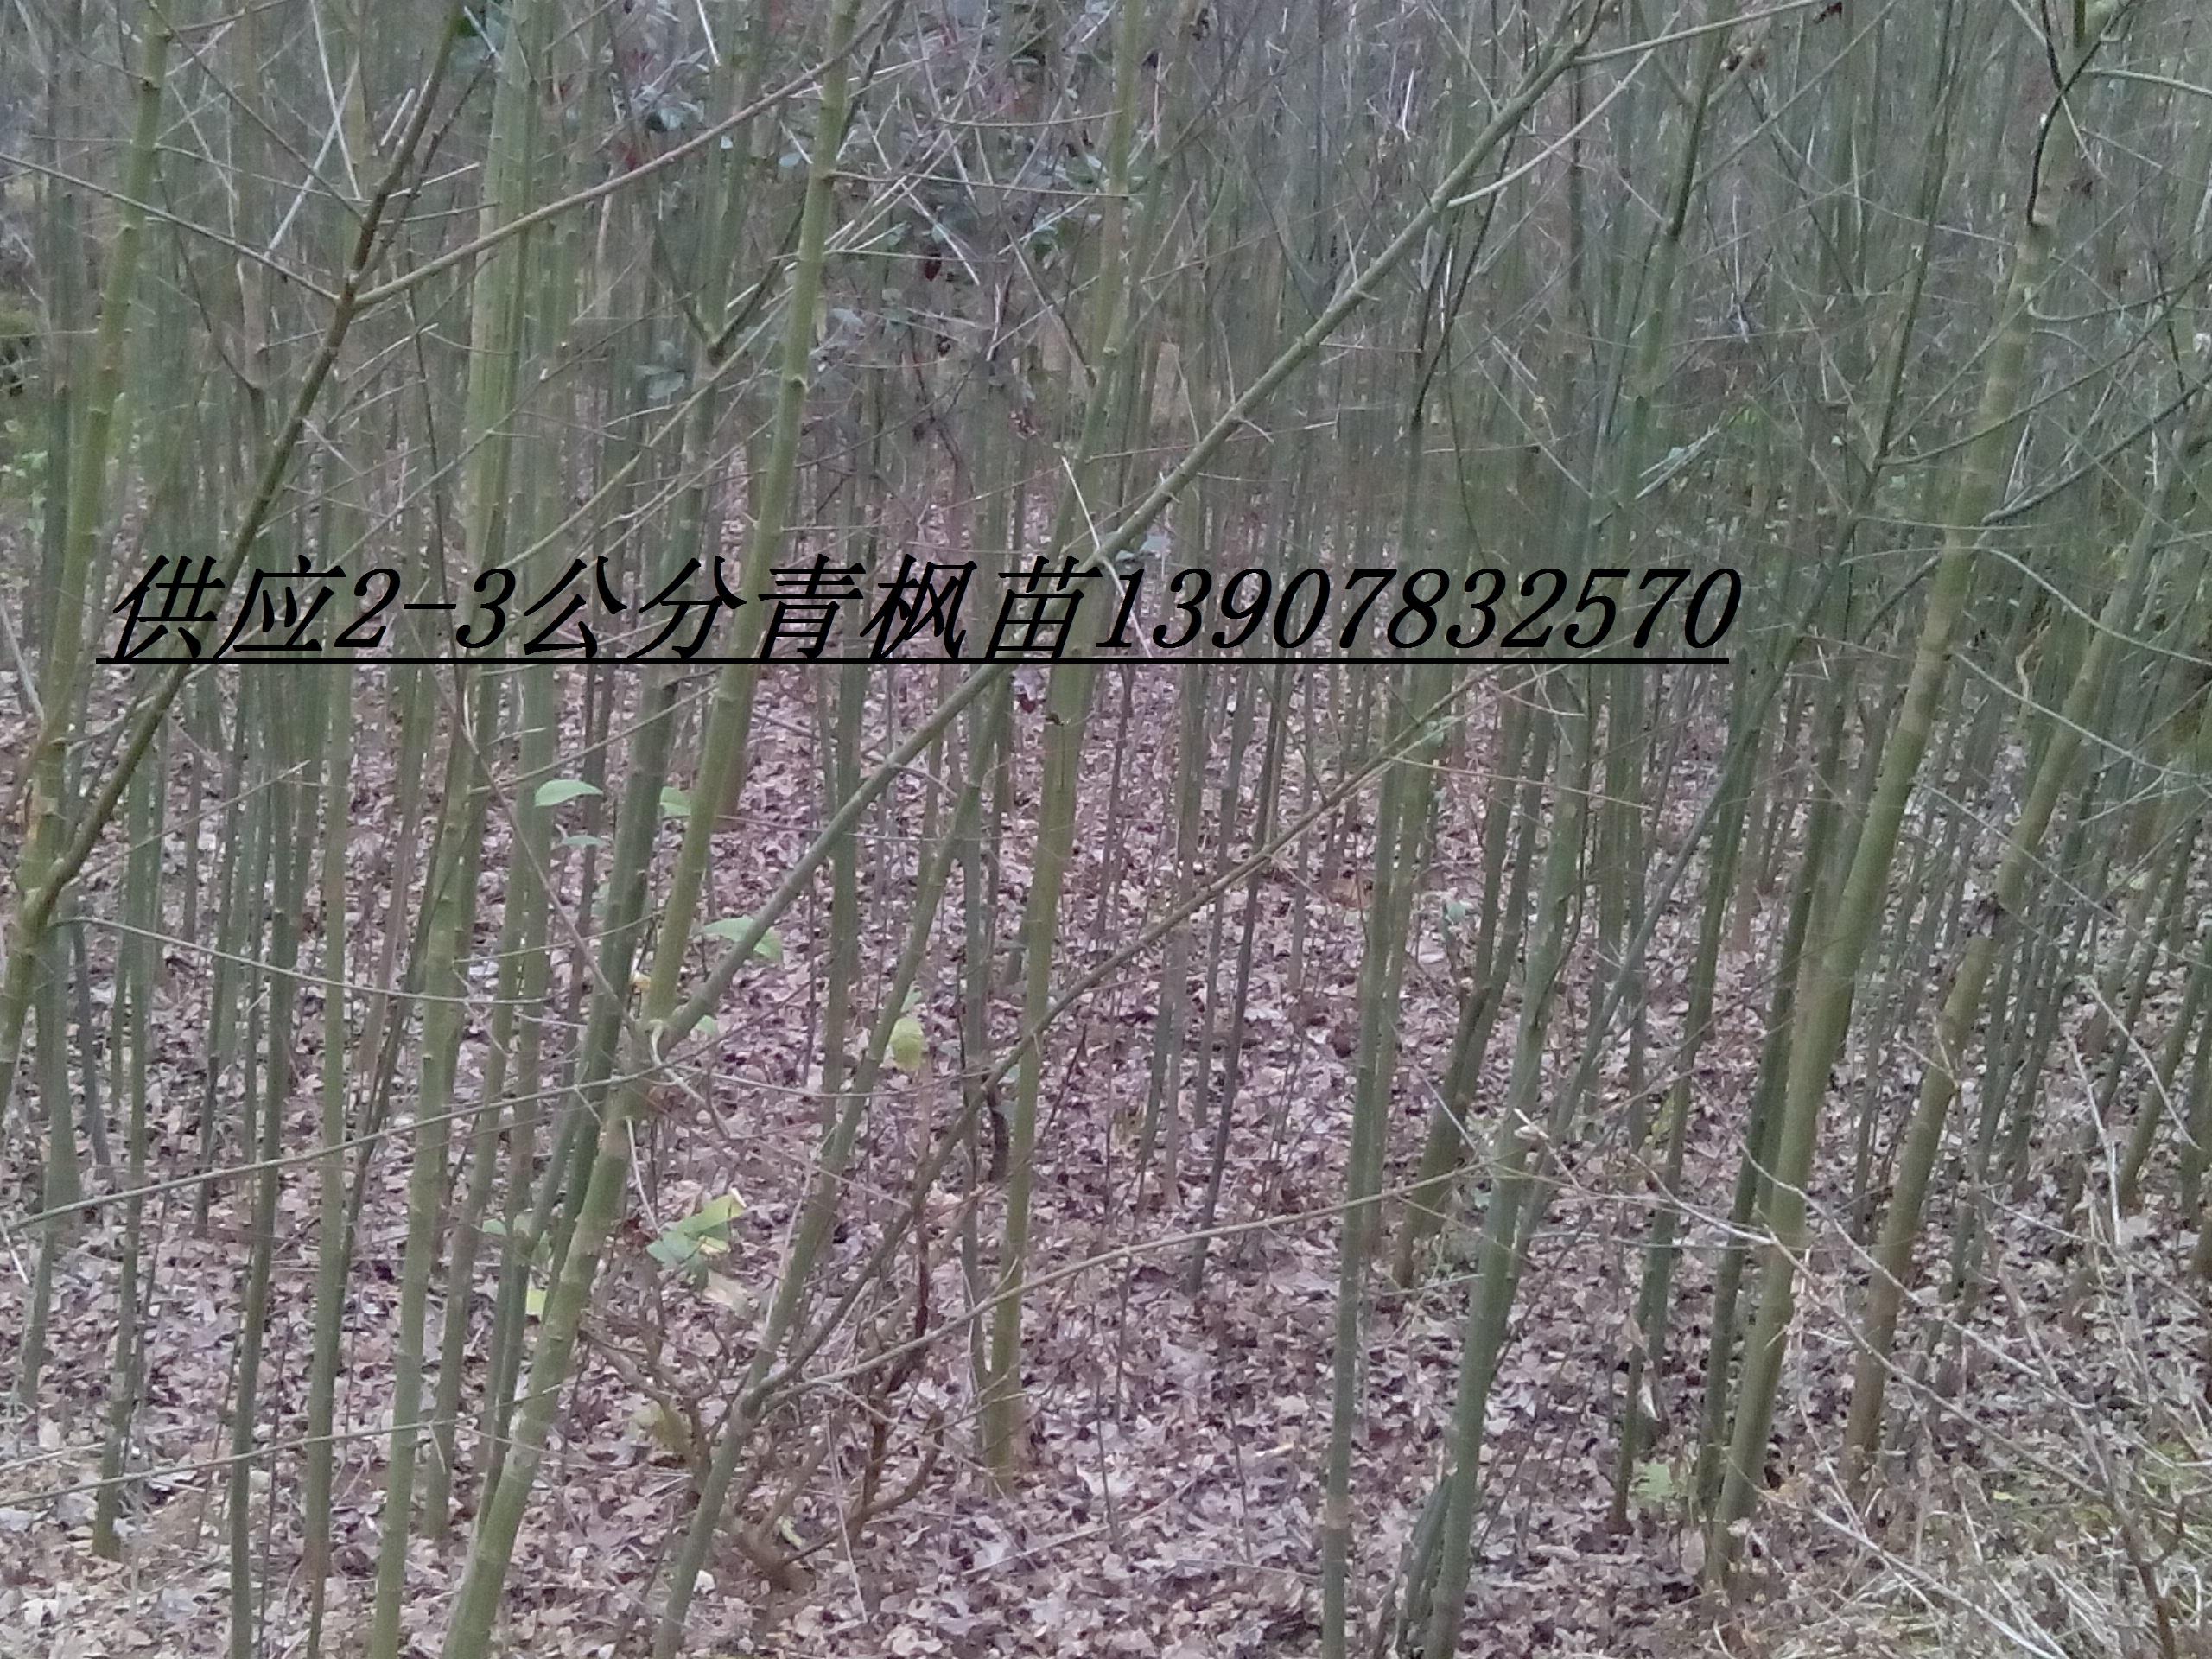 供应用于种植的2公分青枫价格,5公分青枫,4公分青枫